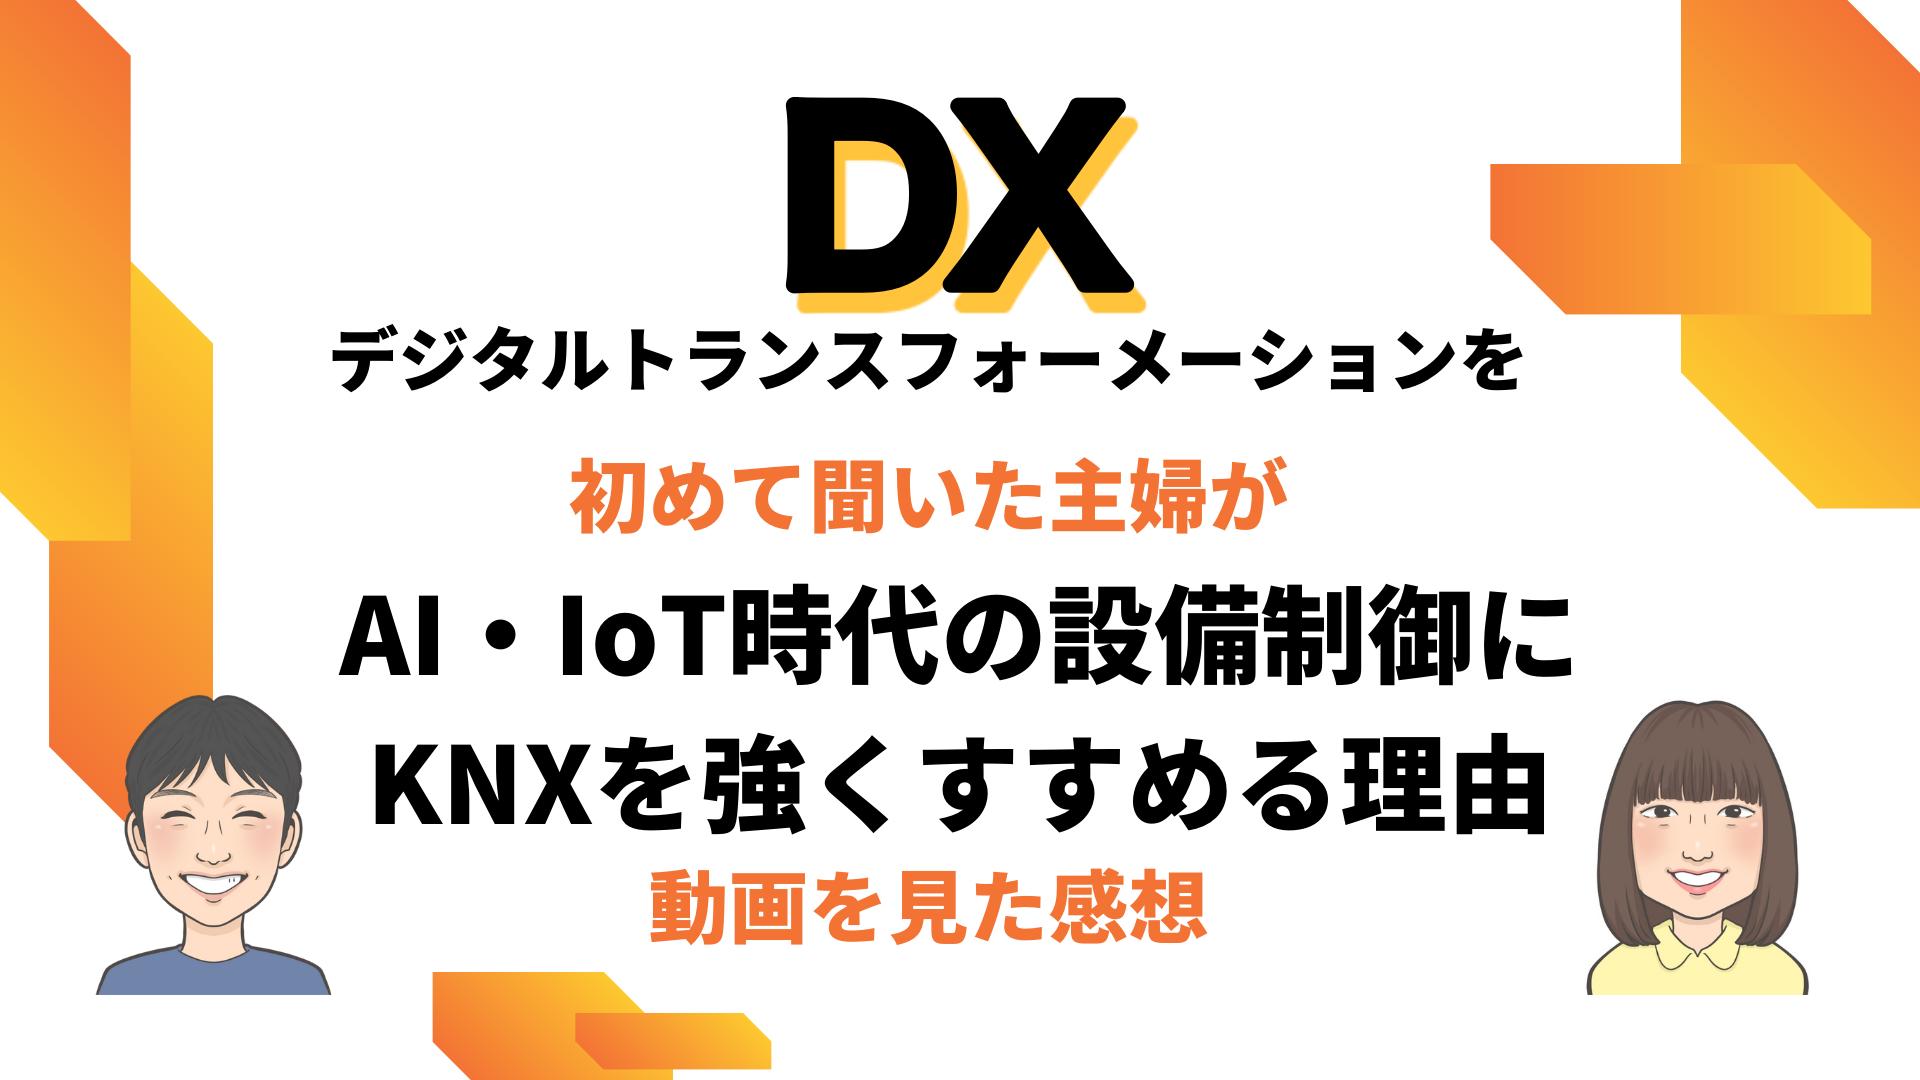 DX(デジタルトランスフォーメーション)を初めて聞いた主婦が「AI・IoT時代の設備制御にKNXを強くすすめる理由」動画を見た感想